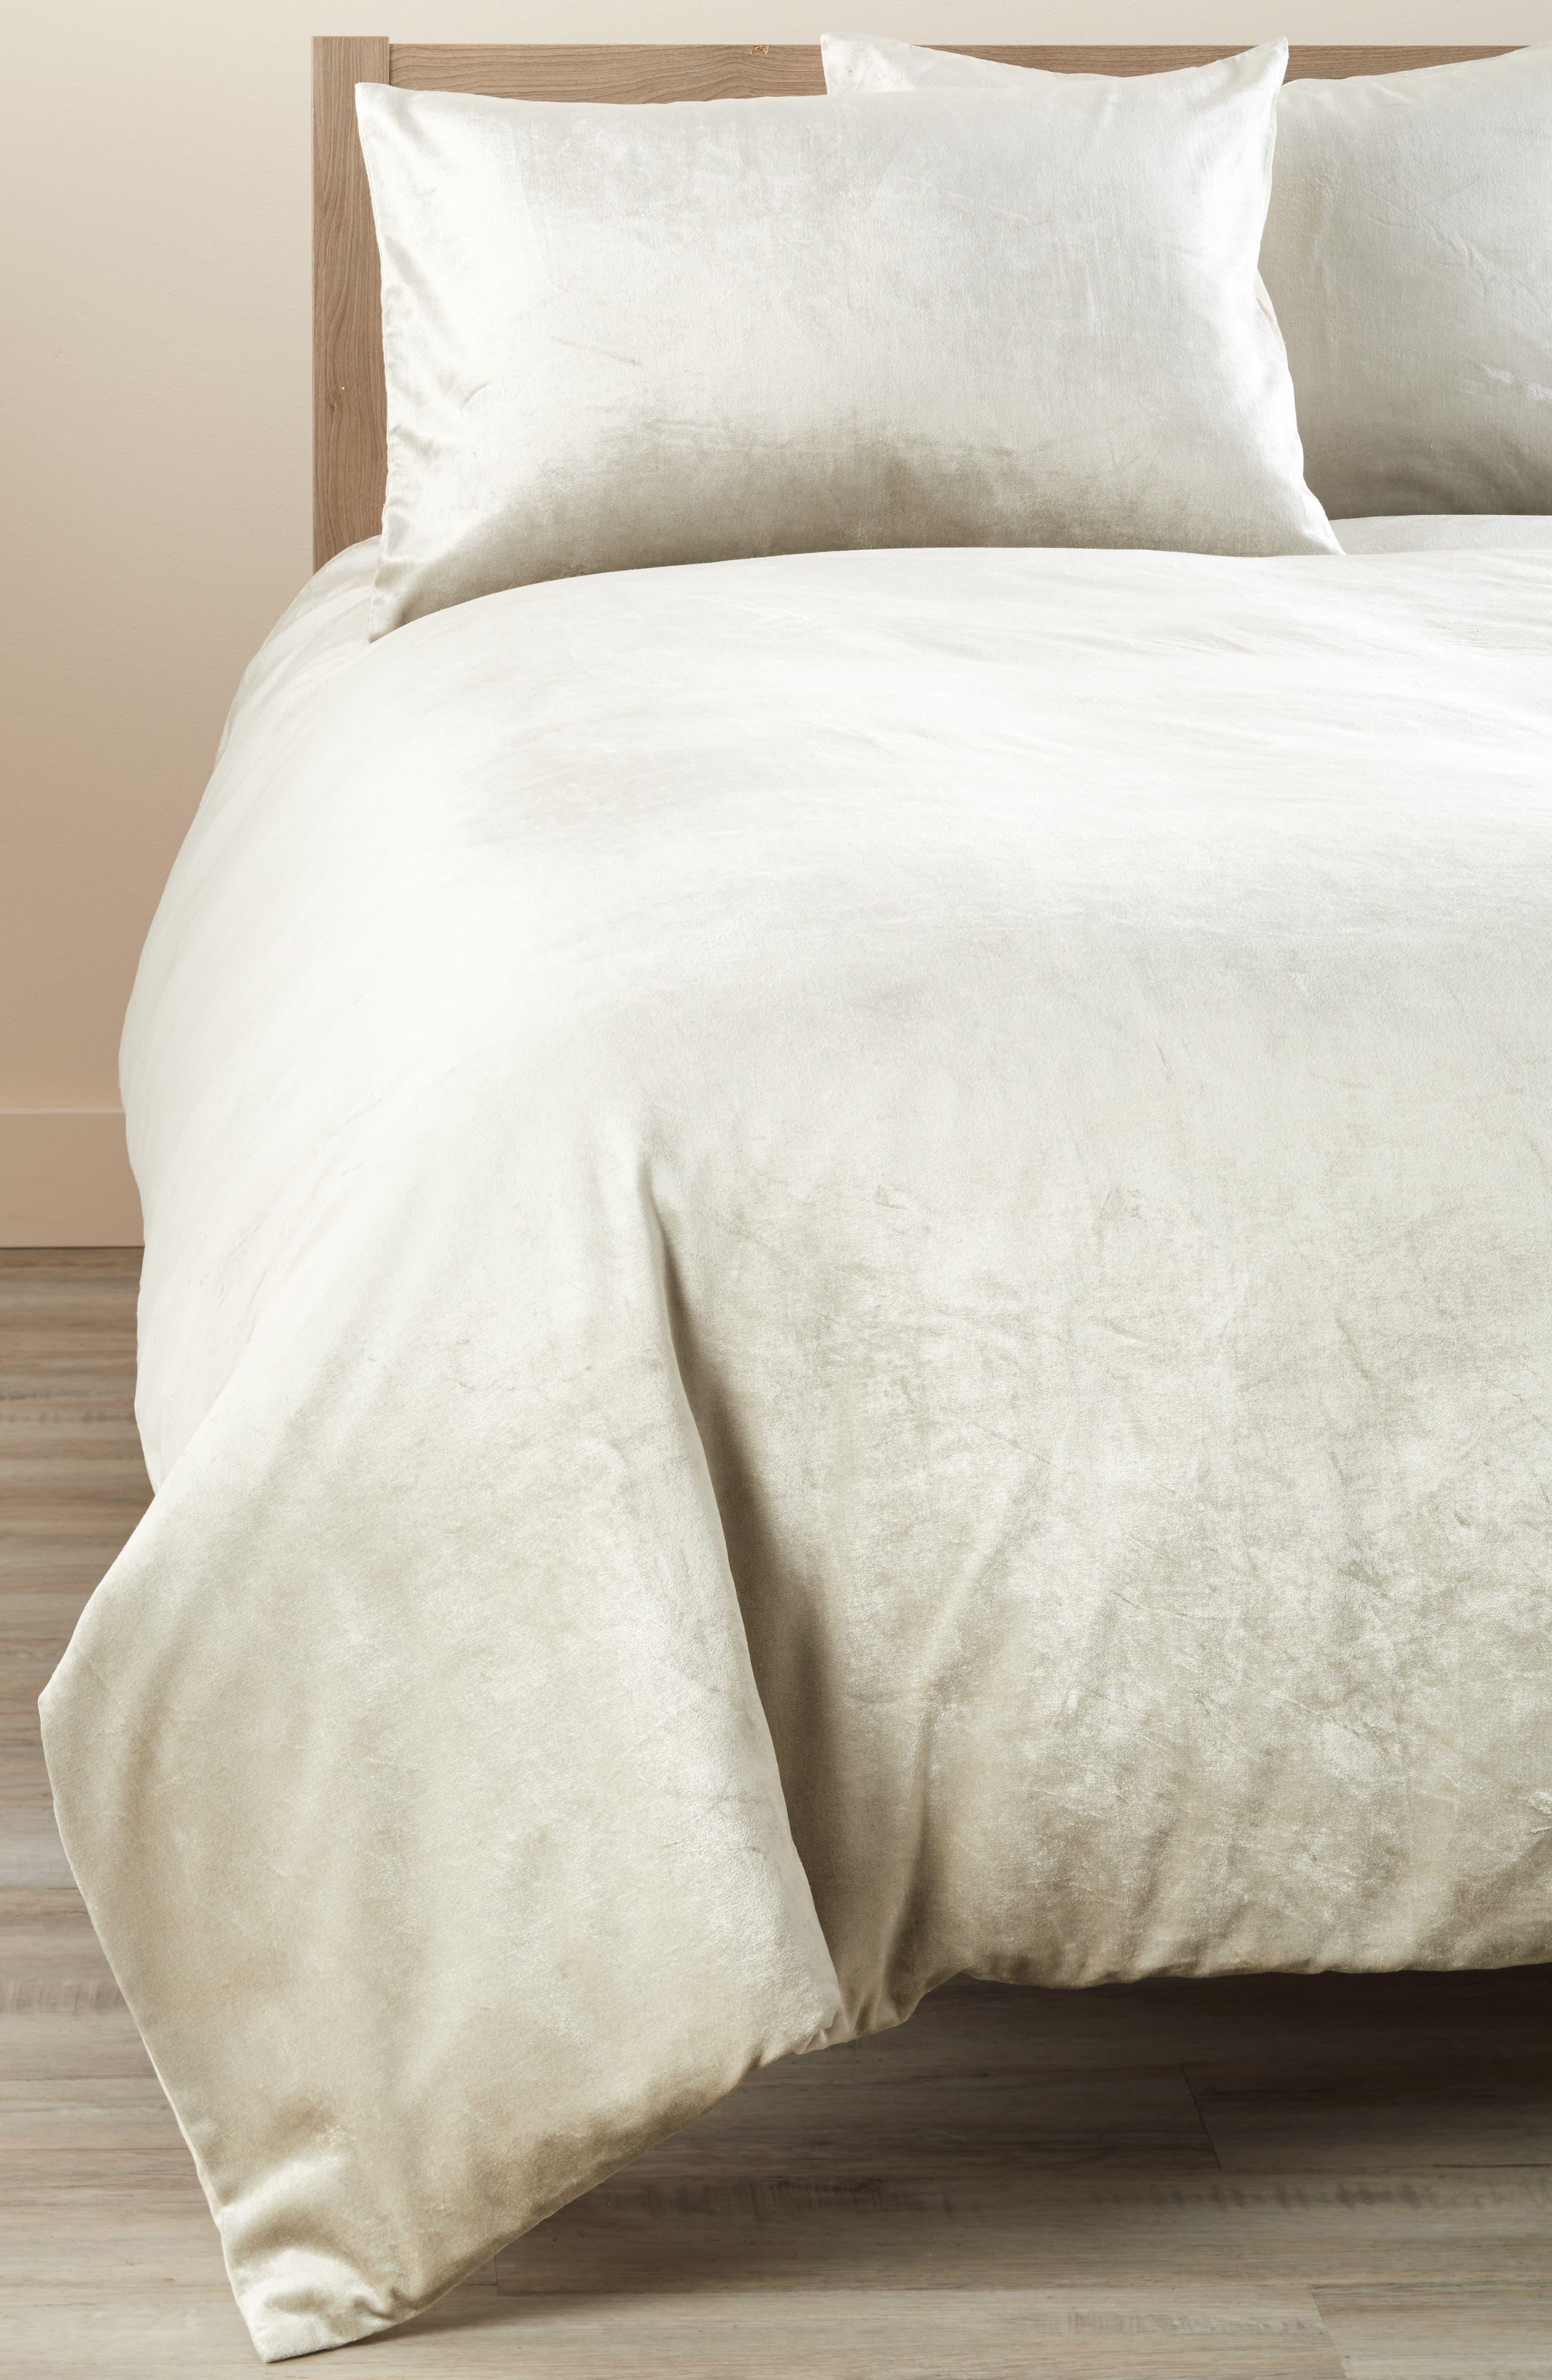 nordstrom at home shimmer velvet duvet cover - Comforter Covers